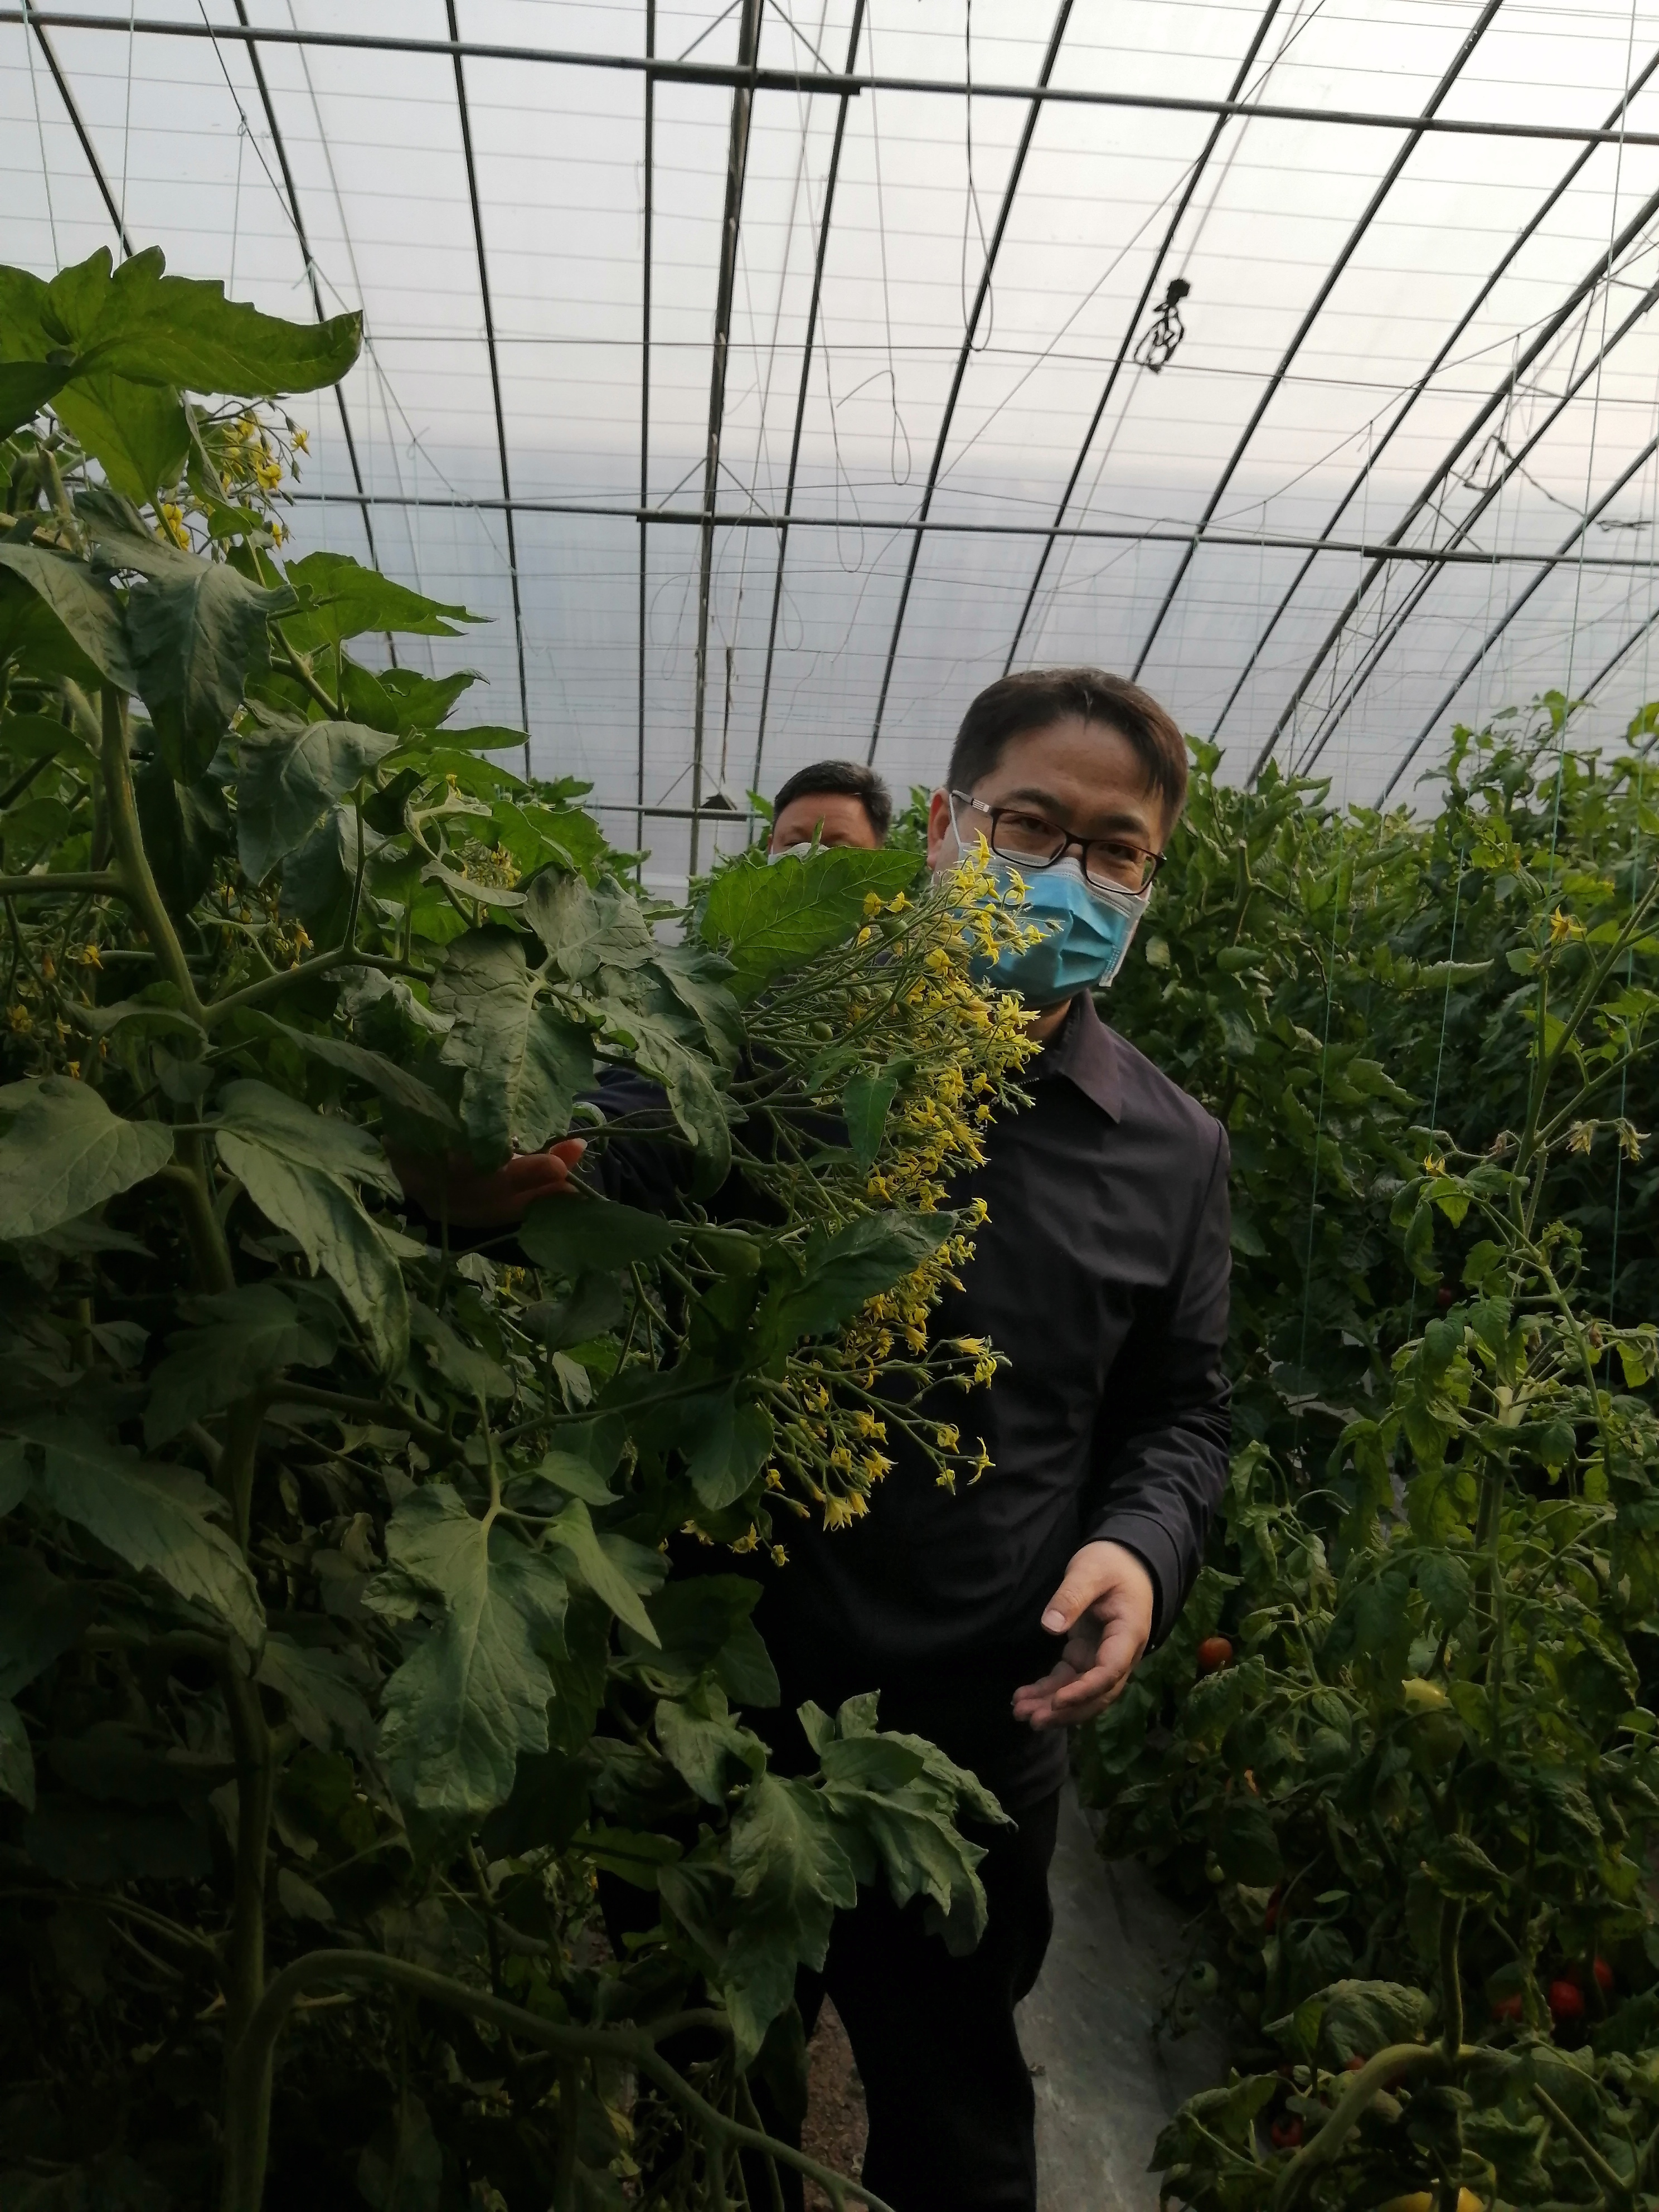 中国农科院试验棚里,一种番茄一开花一大串,中国农科院寿光蔬菜研发中心副主任刘伟认为该品种含有高产基因。 摄影 杨学莹